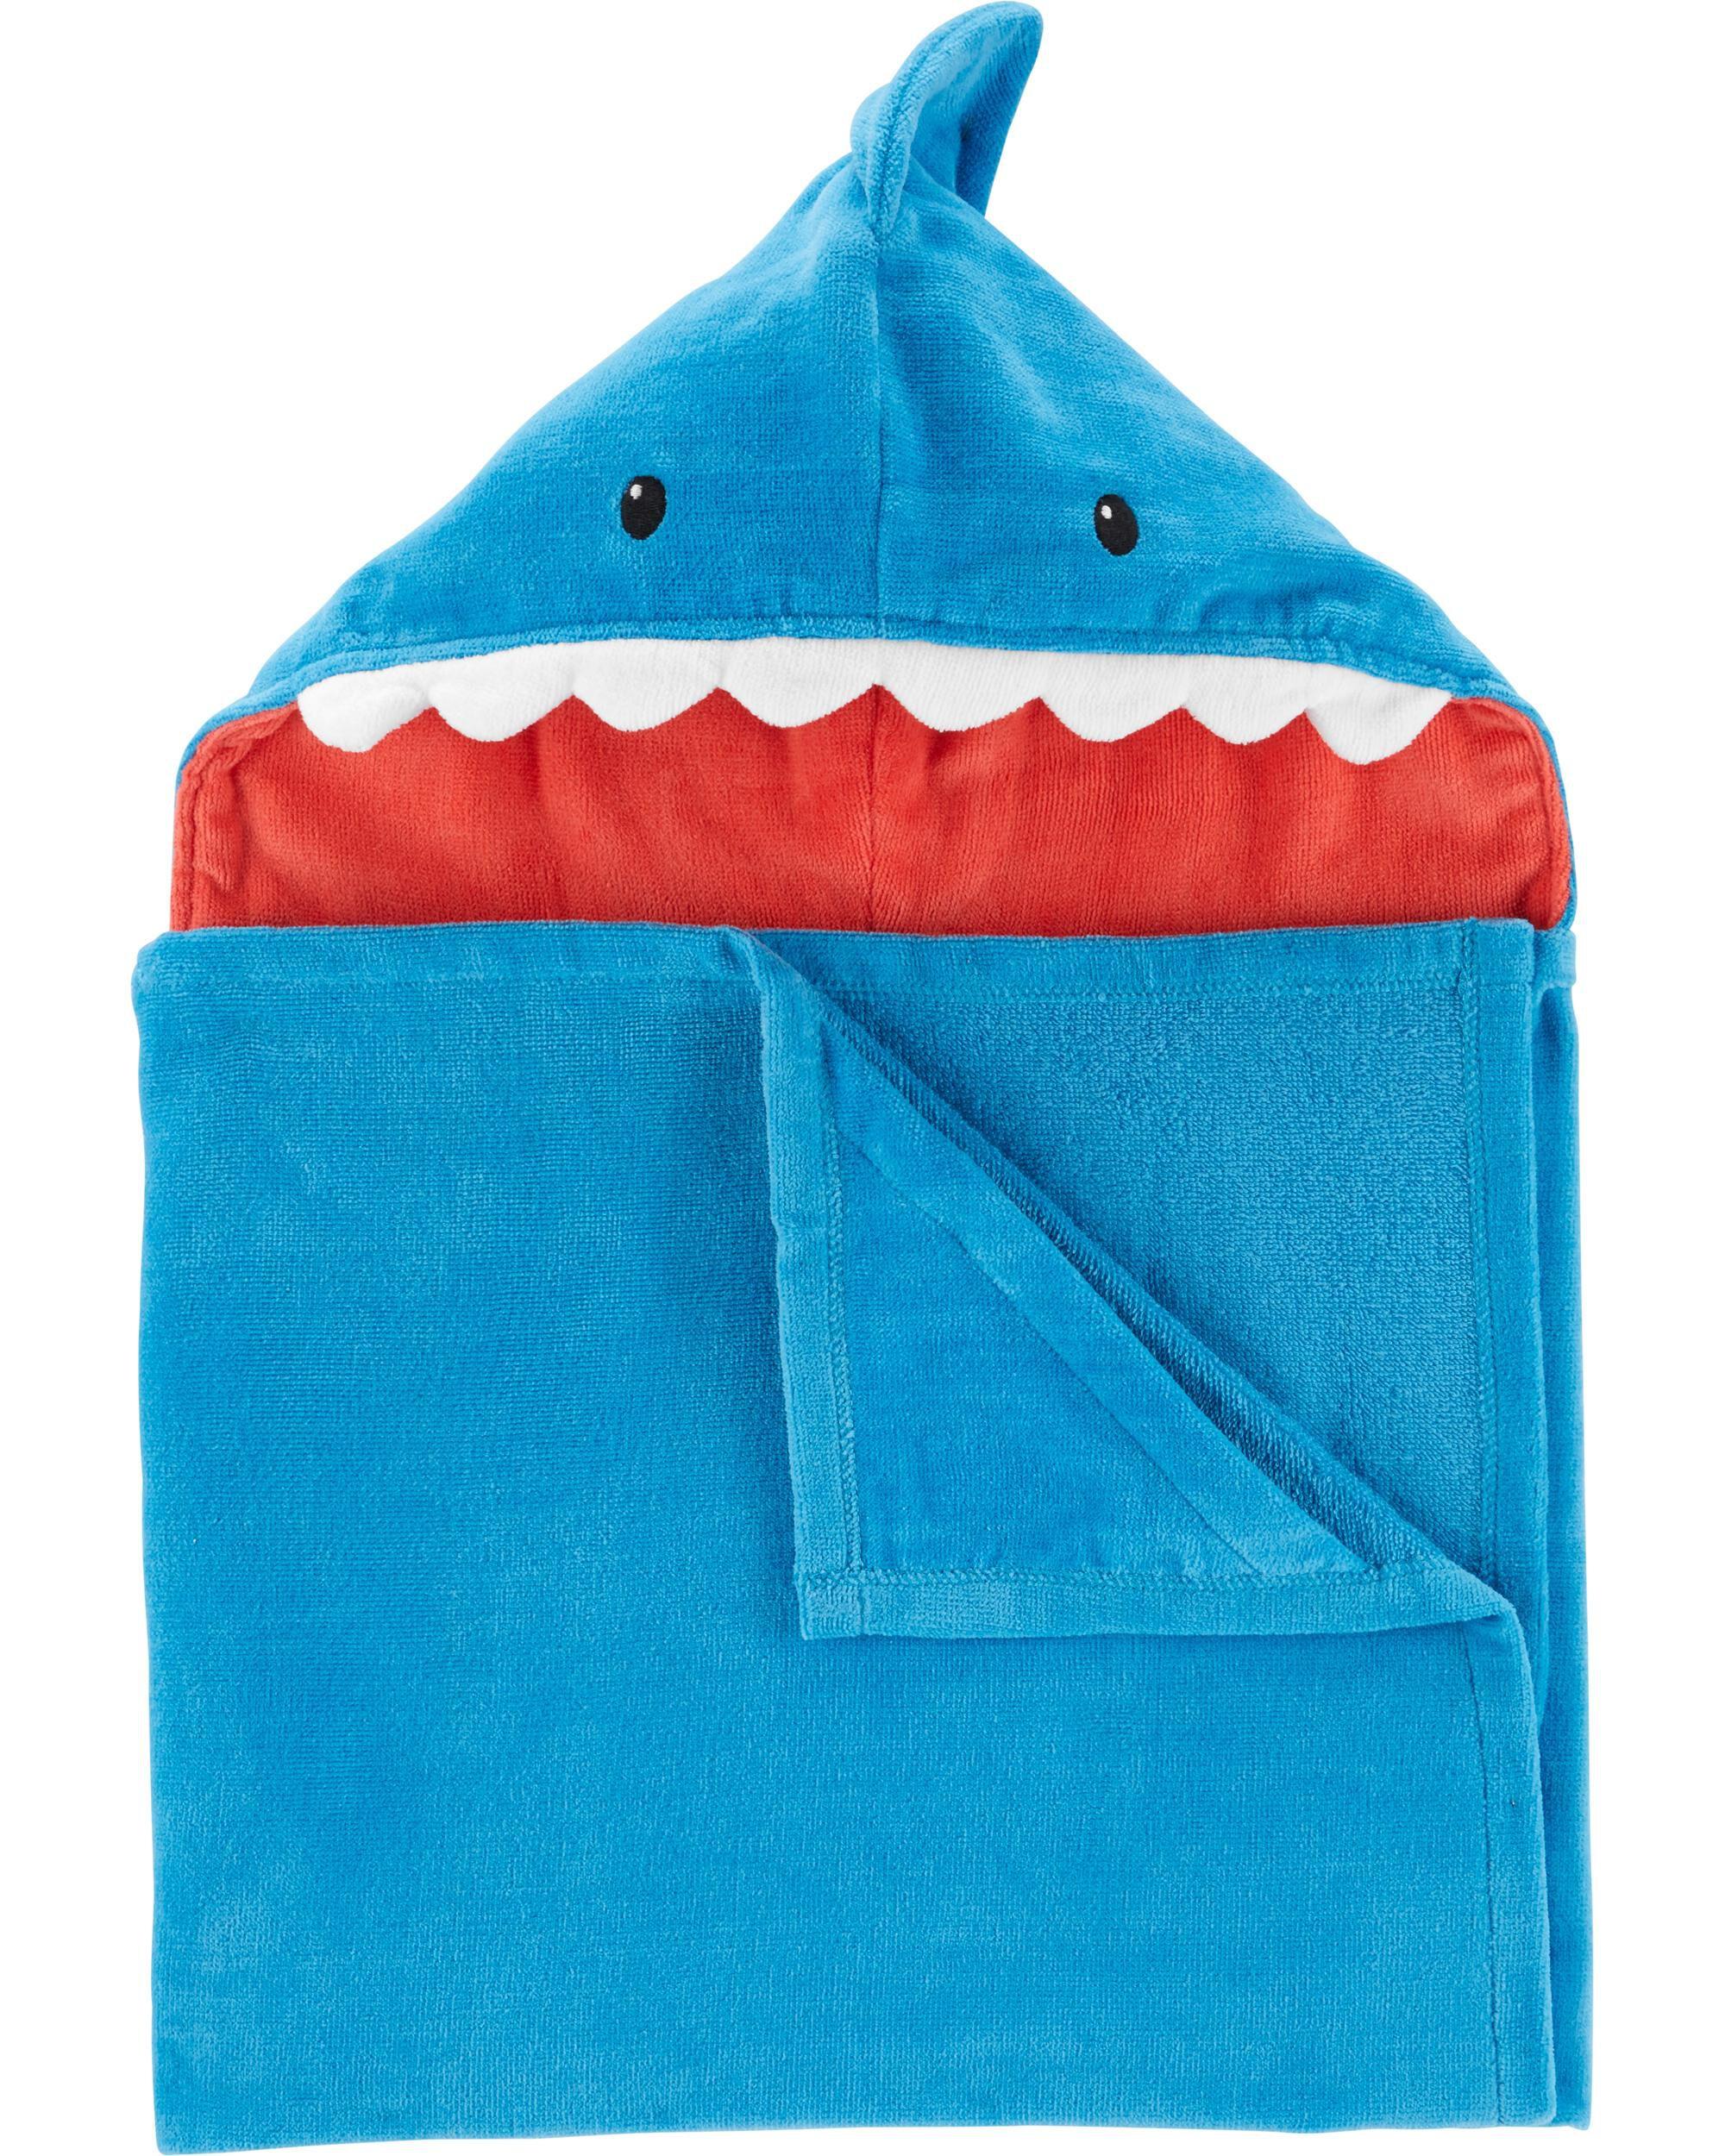 5d81d8f388c6 Shark Hooded Towel